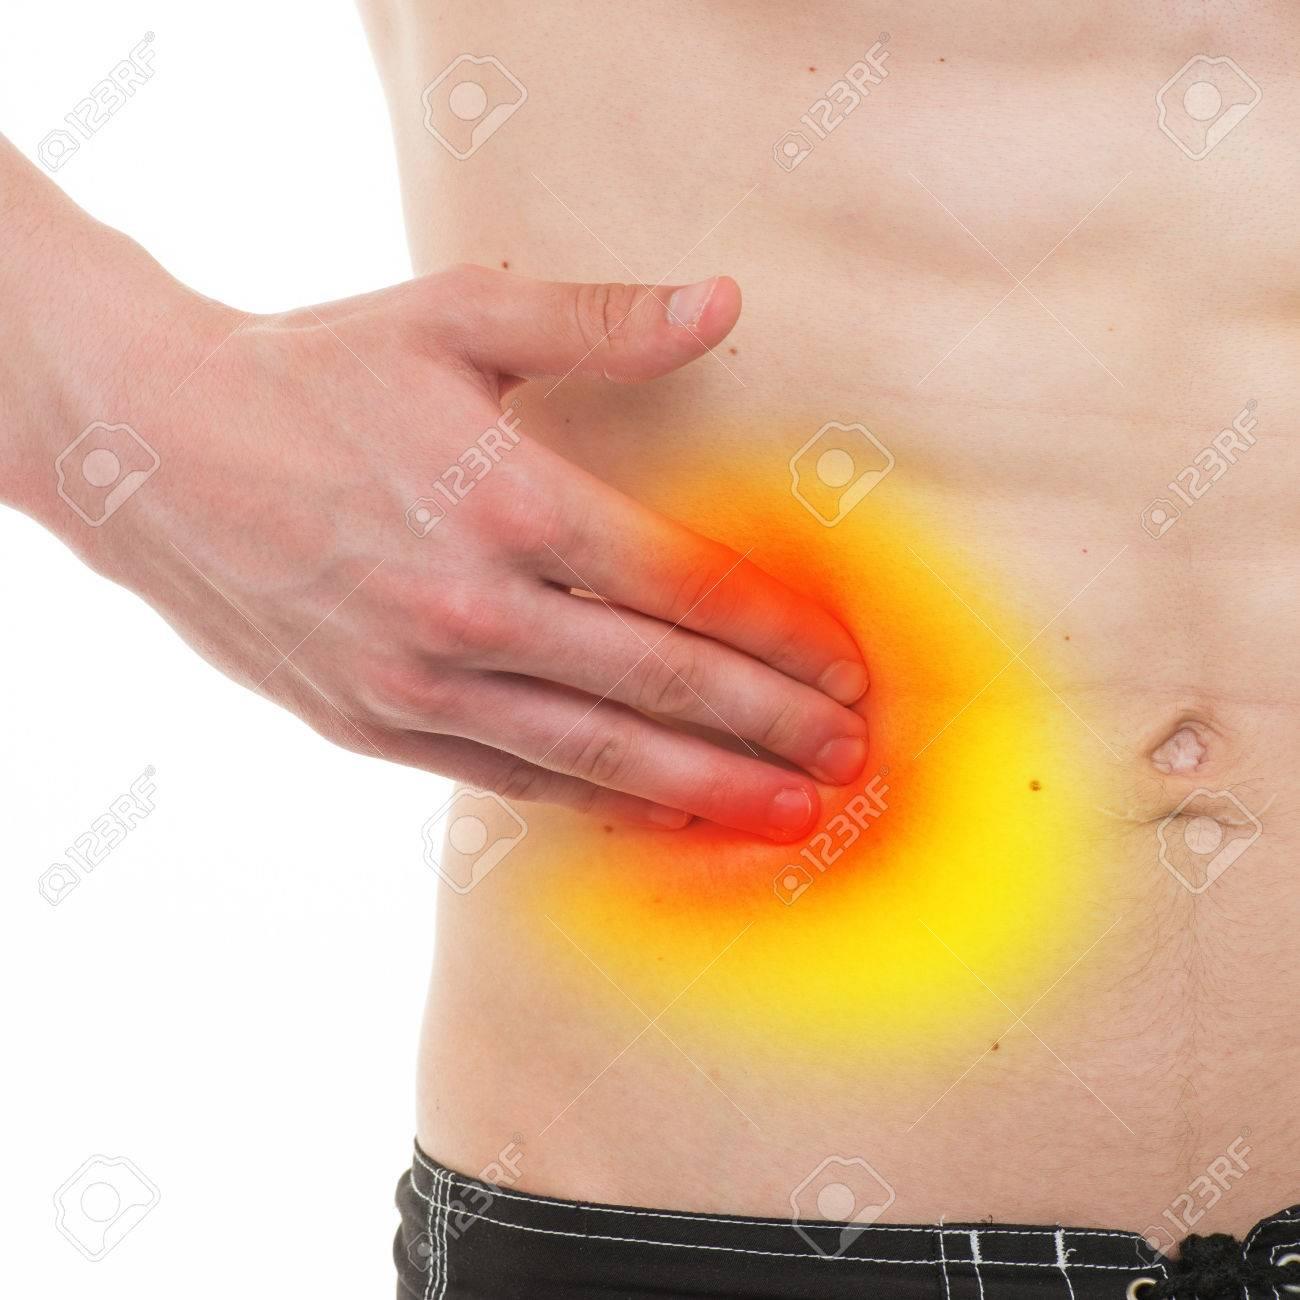 Bauchschmerzen - Männliche Anatomie Rechten Seite Schmerzen Isoliert ...